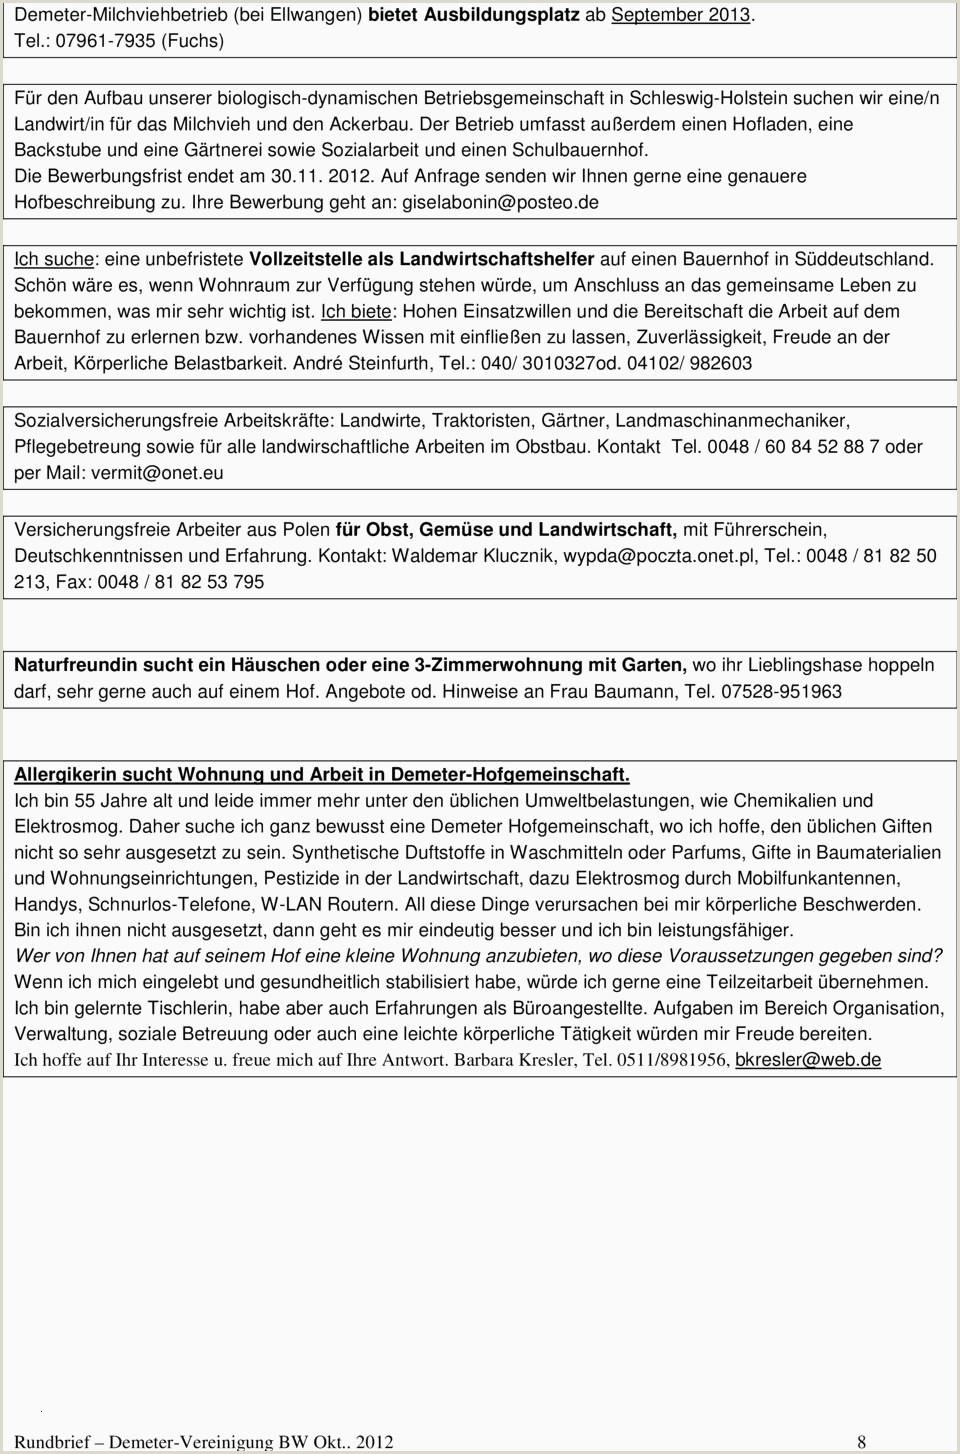 Lebenslauf Muster Bundesagentur Für Arbeit 15 Bewerbung Für Arbeit